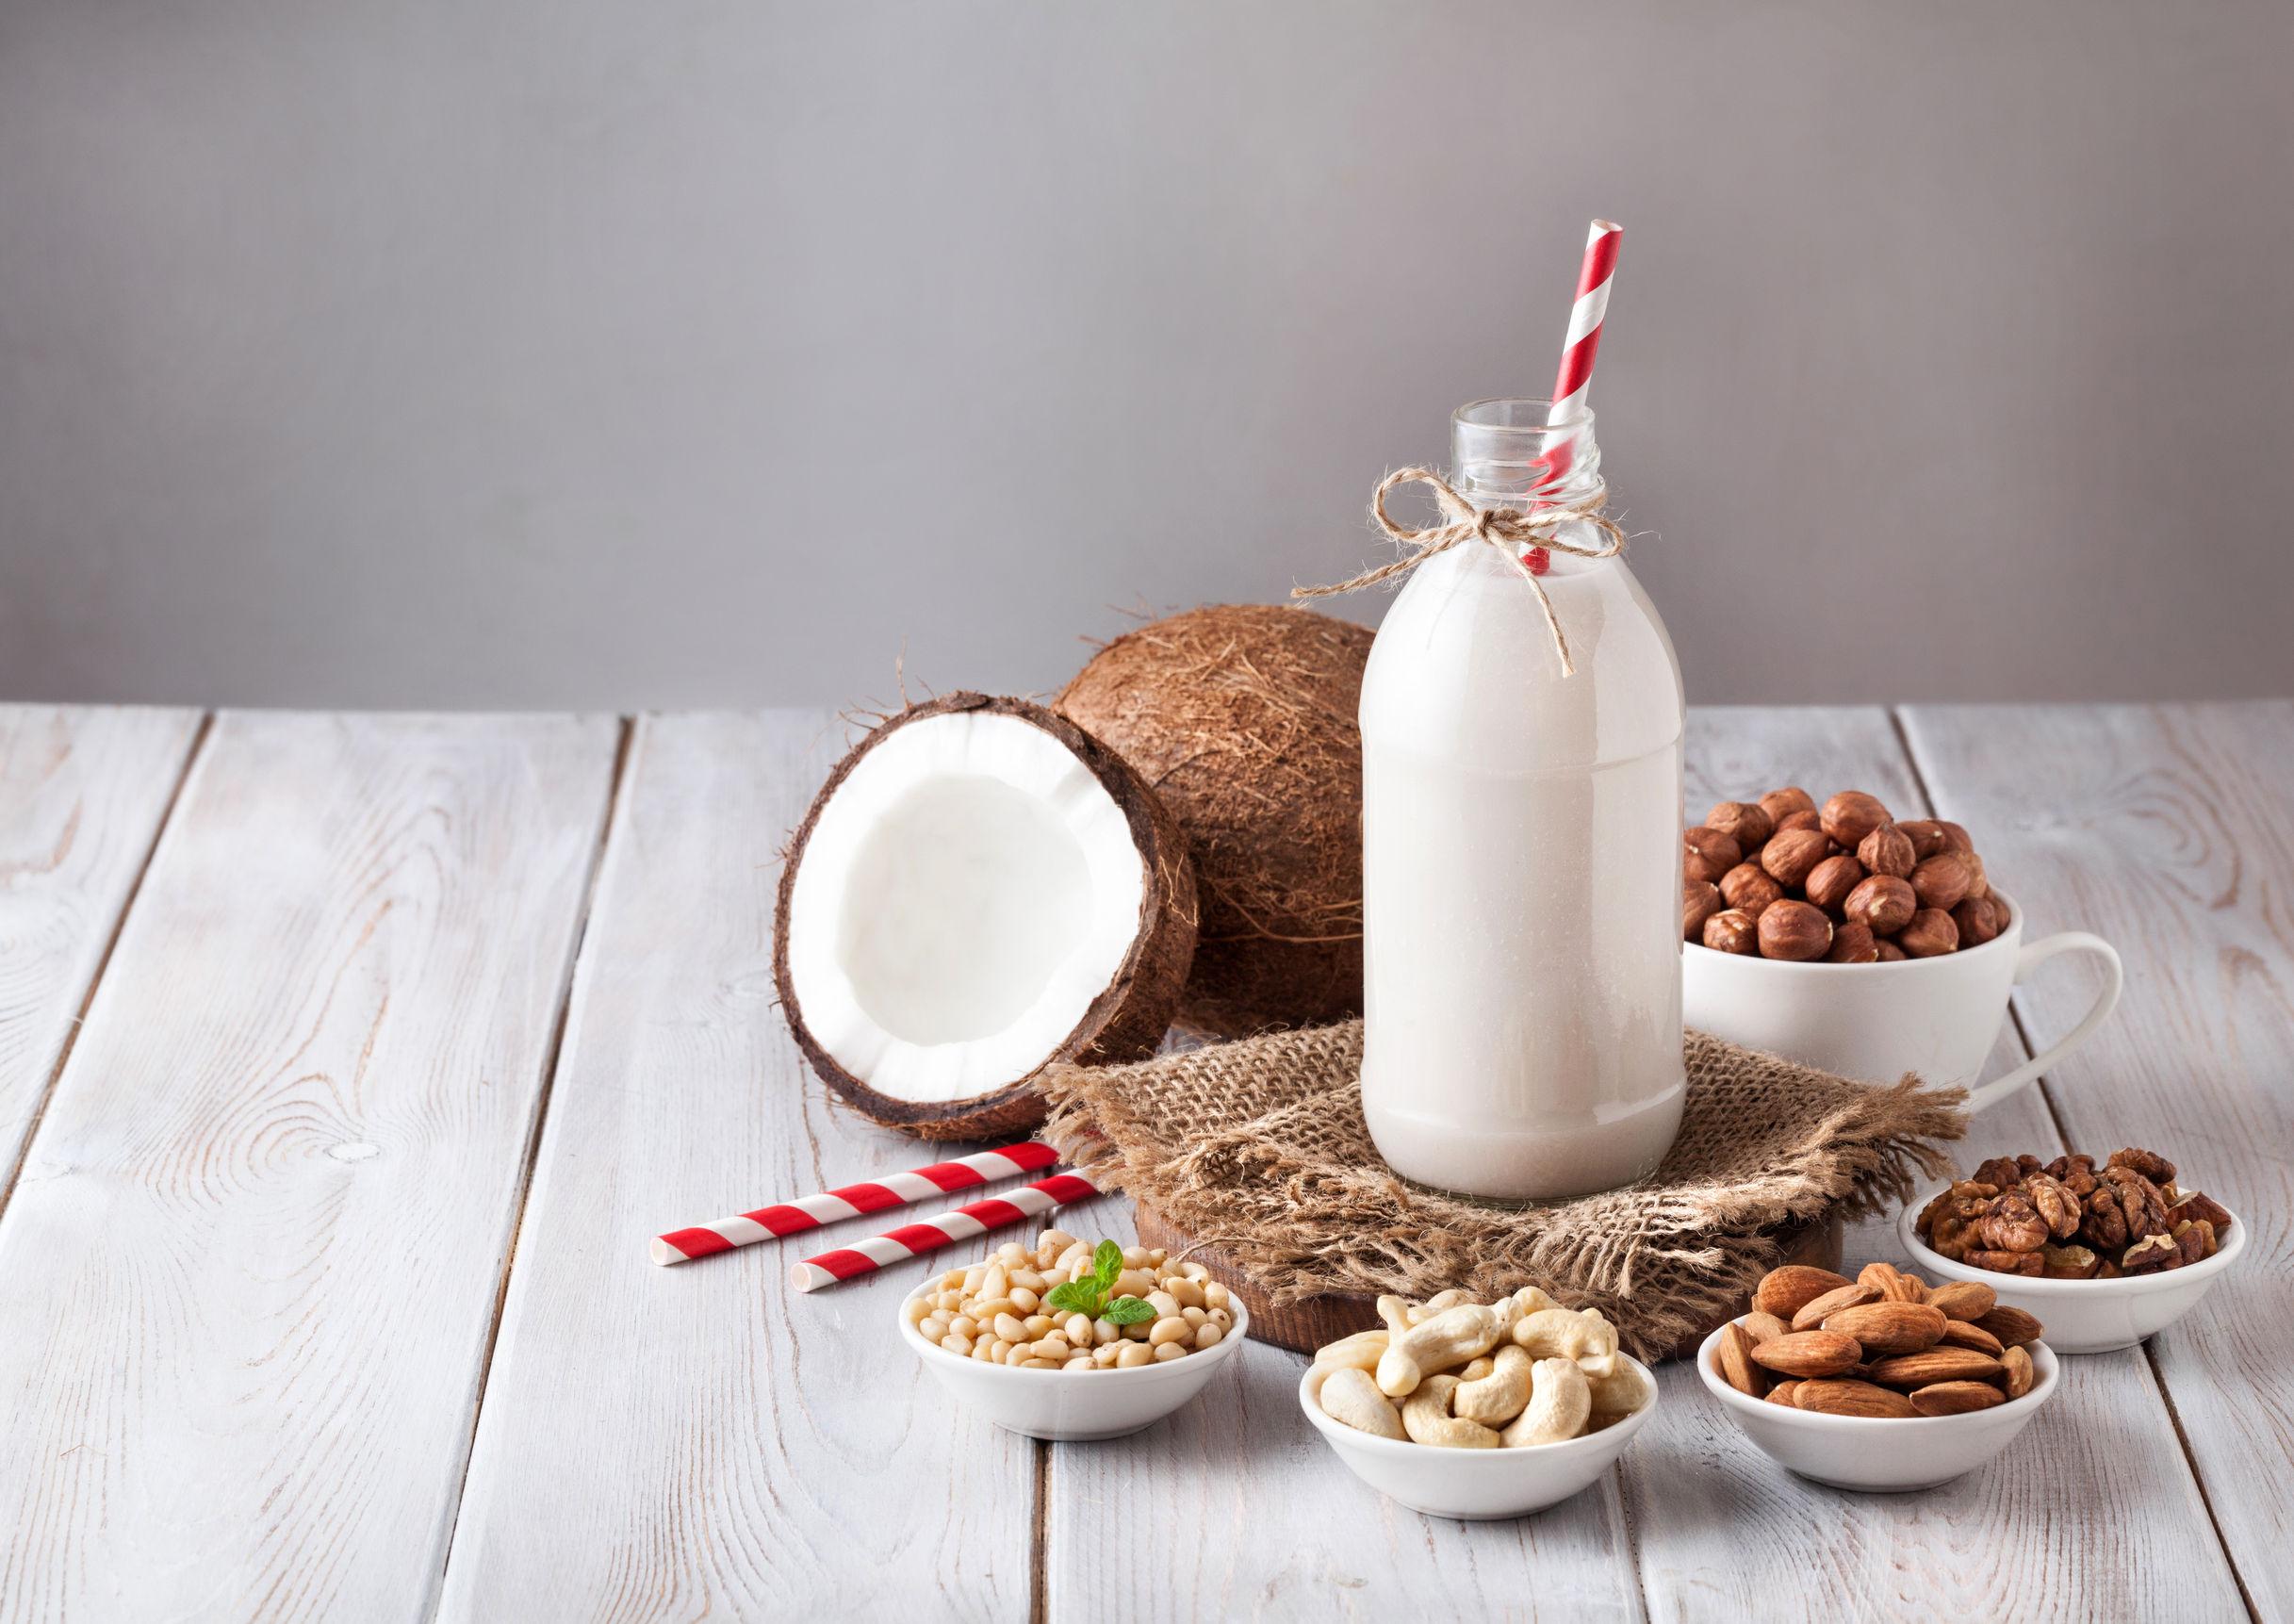 les meilleurs laits v g taux maison et comment les r ussir docteur nature. Black Bedroom Furniture Sets. Home Design Ideas